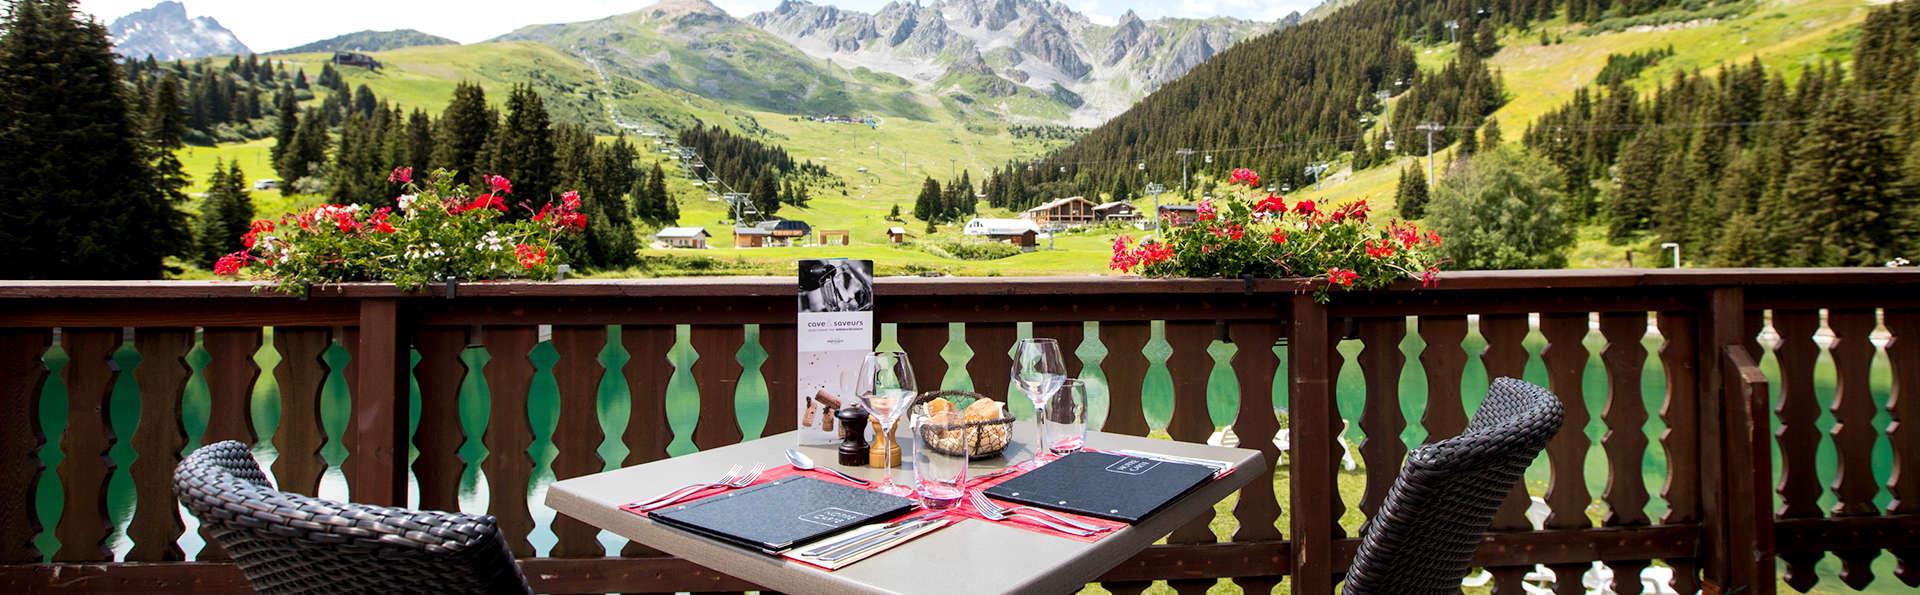 Dîner et air pur au cœur des forêts Alpines, à Courchevel